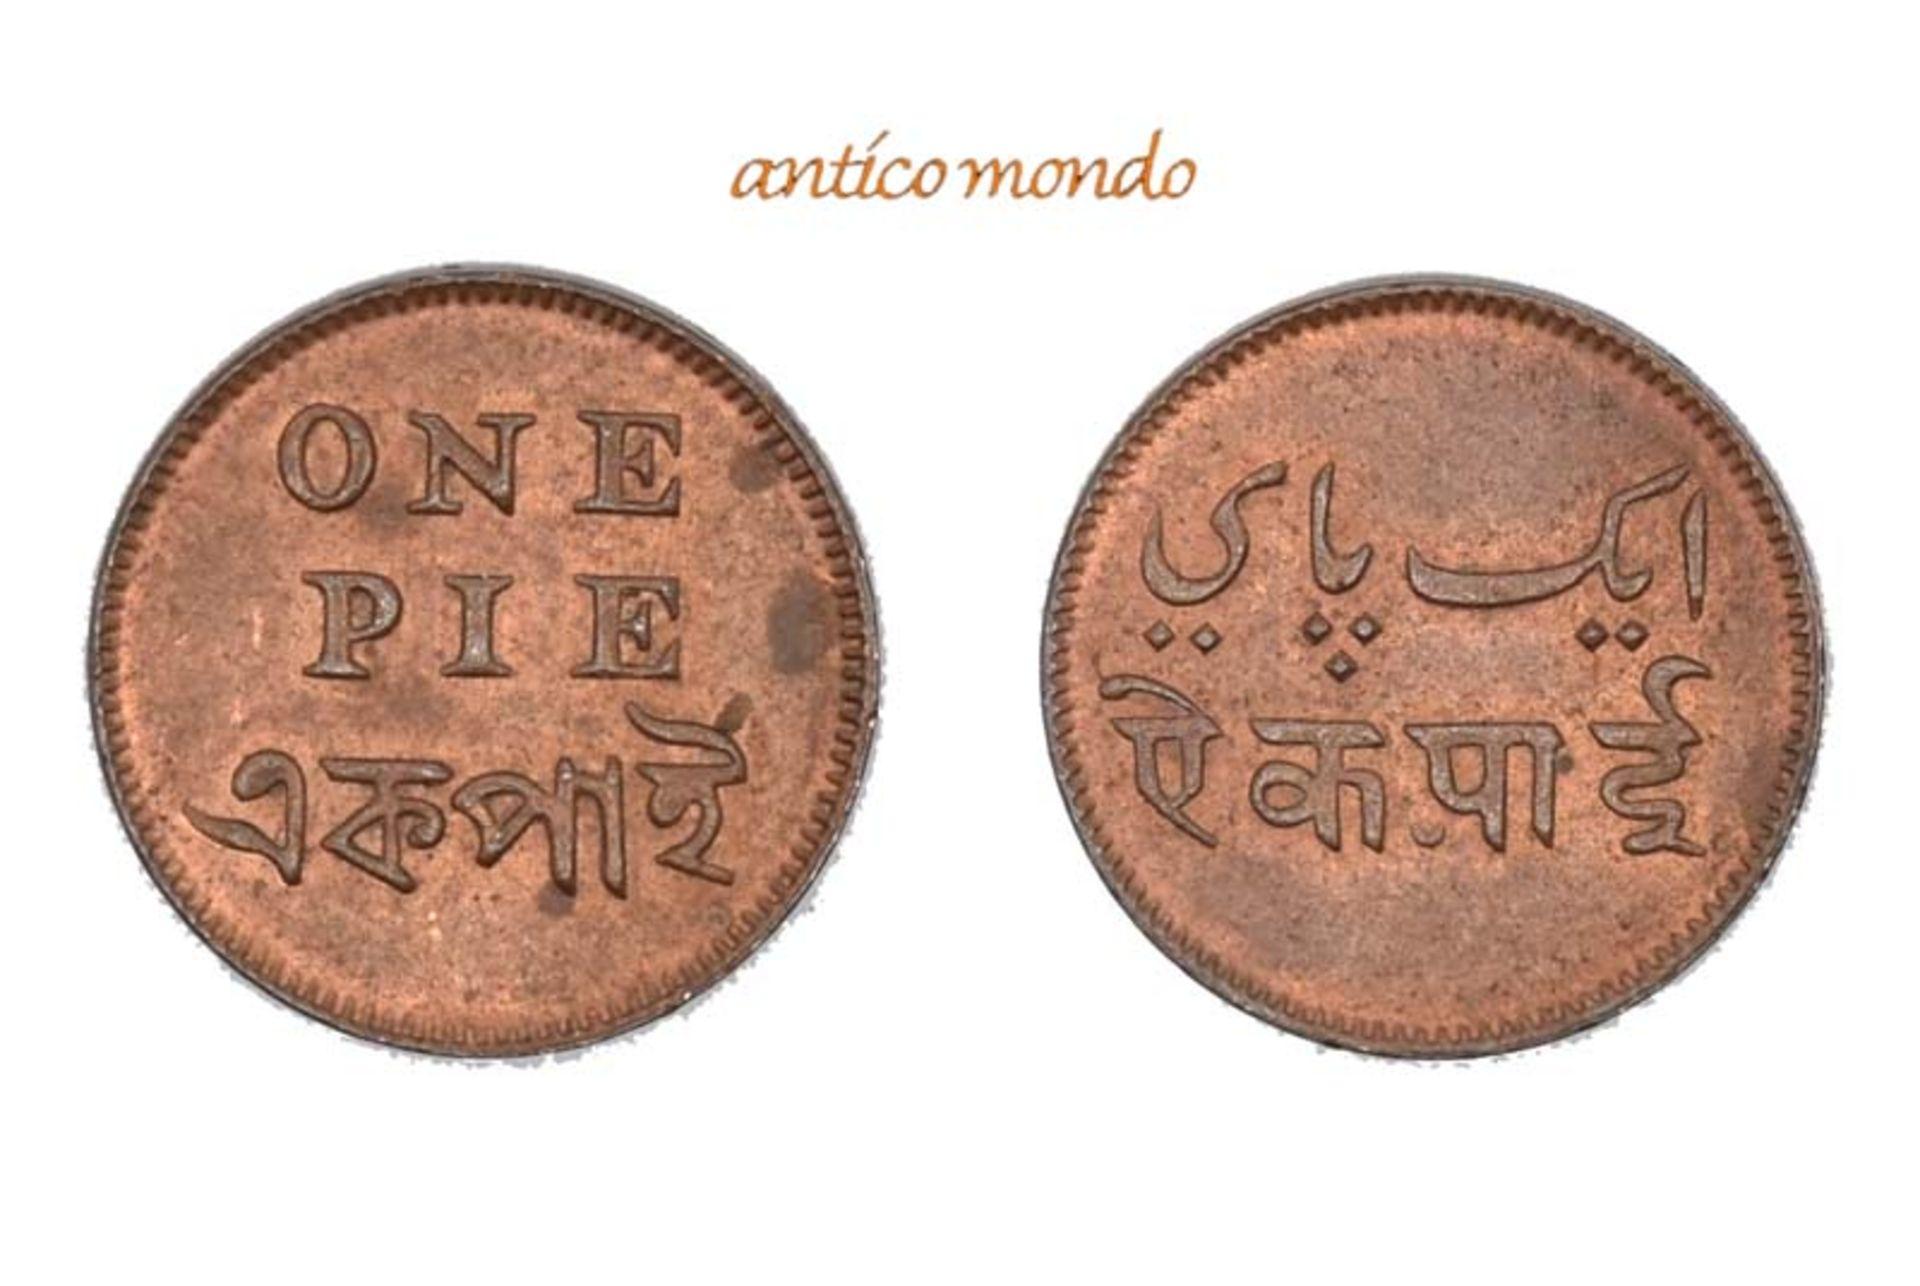 Indien, Bengalen, Pie, o.J. (1831-1835), vorzüglich-Stempelglanz, 2,16 g- - -21.50 % buyer's premium